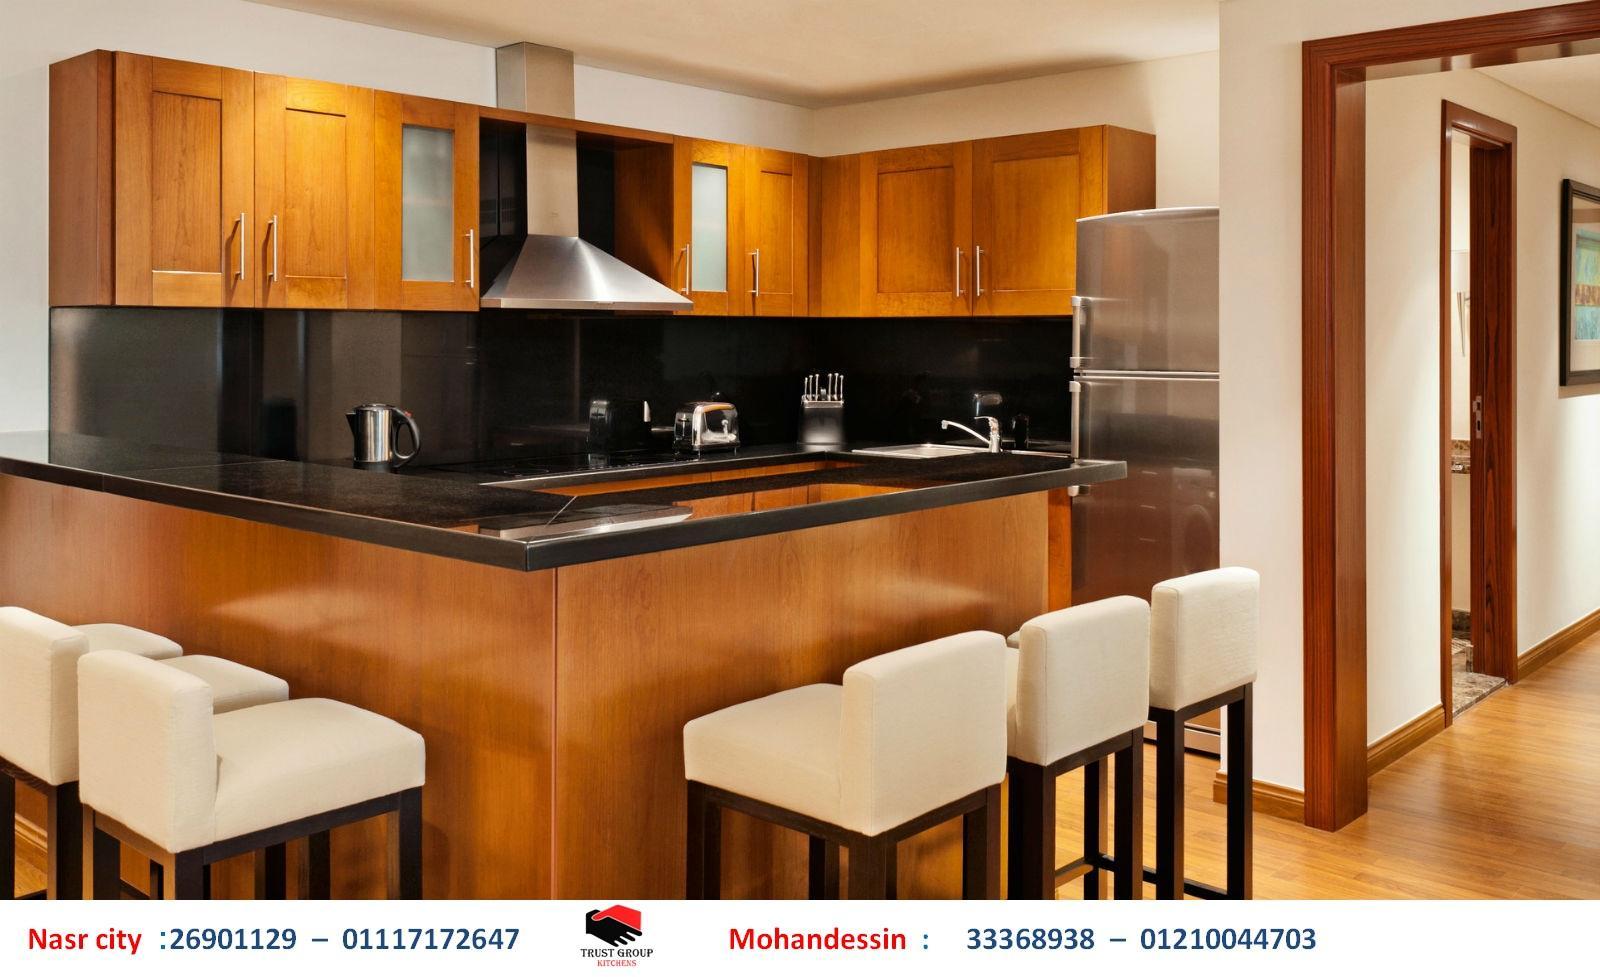 تصميمات مطابخ – اسعار المطابخ فى مصر  ( للاتصال  01210044703) 569400404